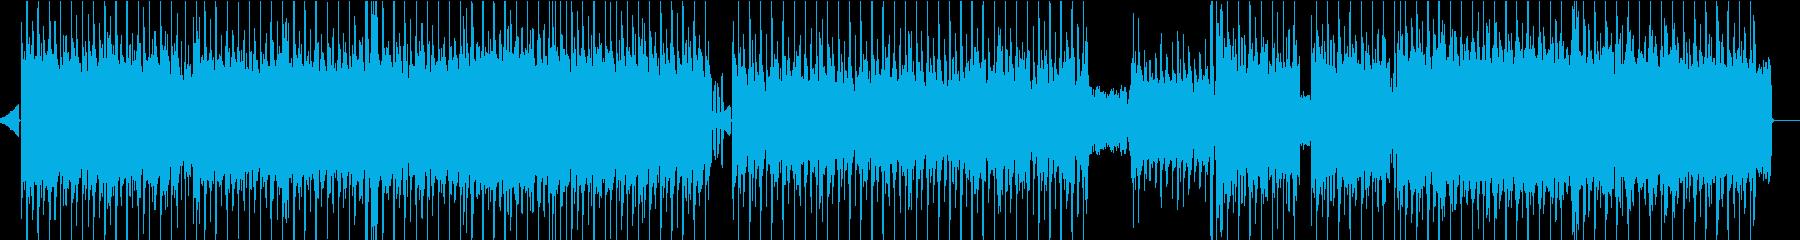 エッジの効いた、ラフなエレクトロ/...の再生済みの波形